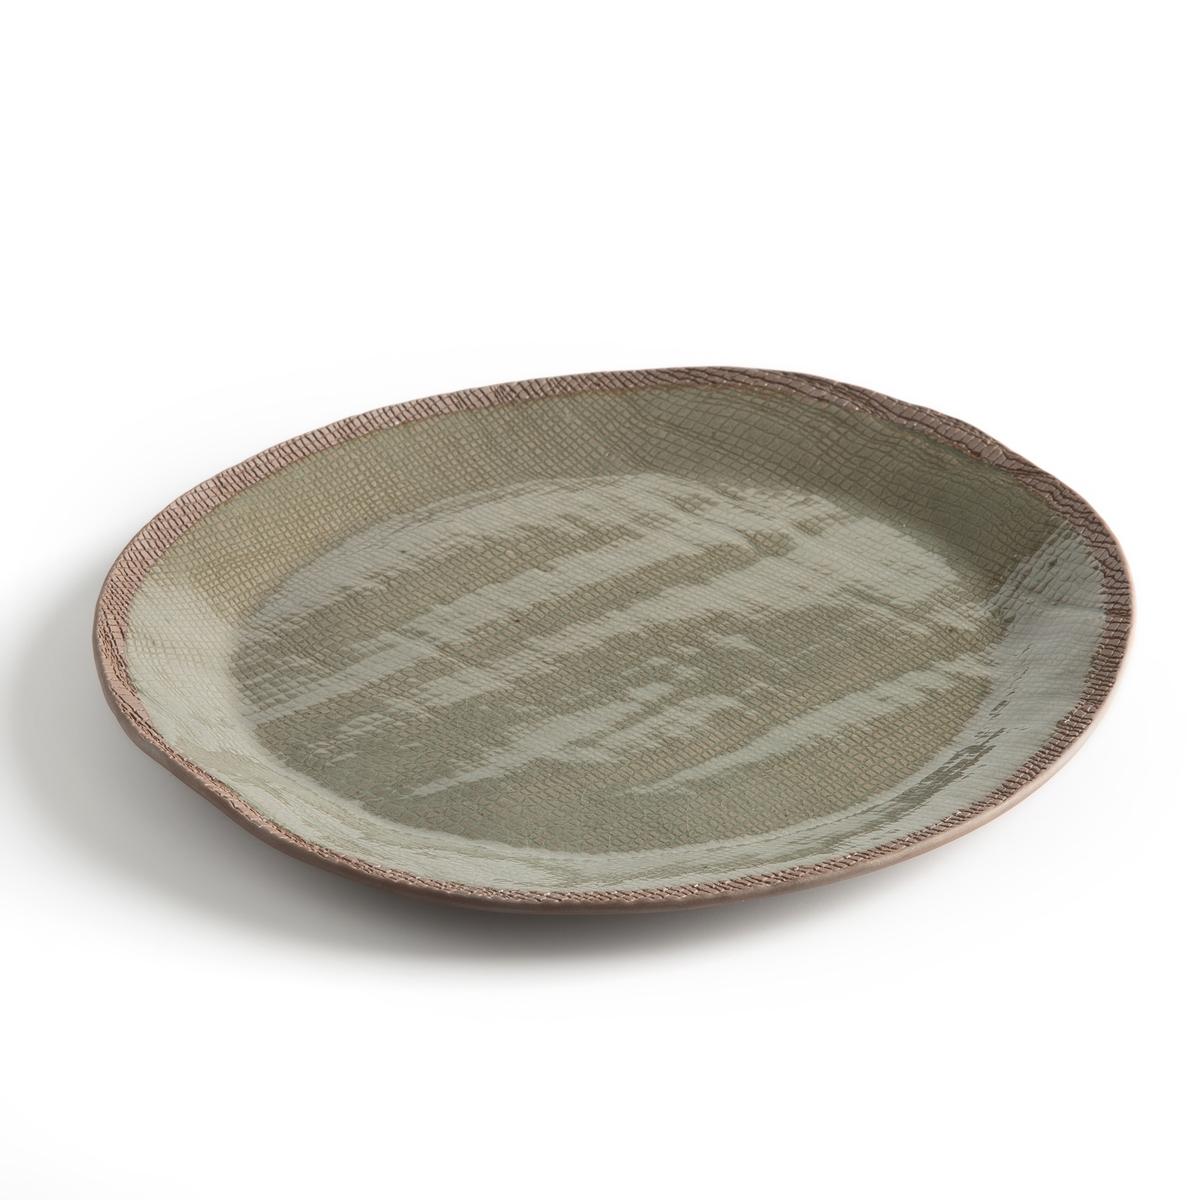 Фото - Тарелка LaRedoute Плоская из керамики Sanna единый размер каштановый тумба laredoute для телевизора с раздвижными дверцами quilda единый размер каштановый